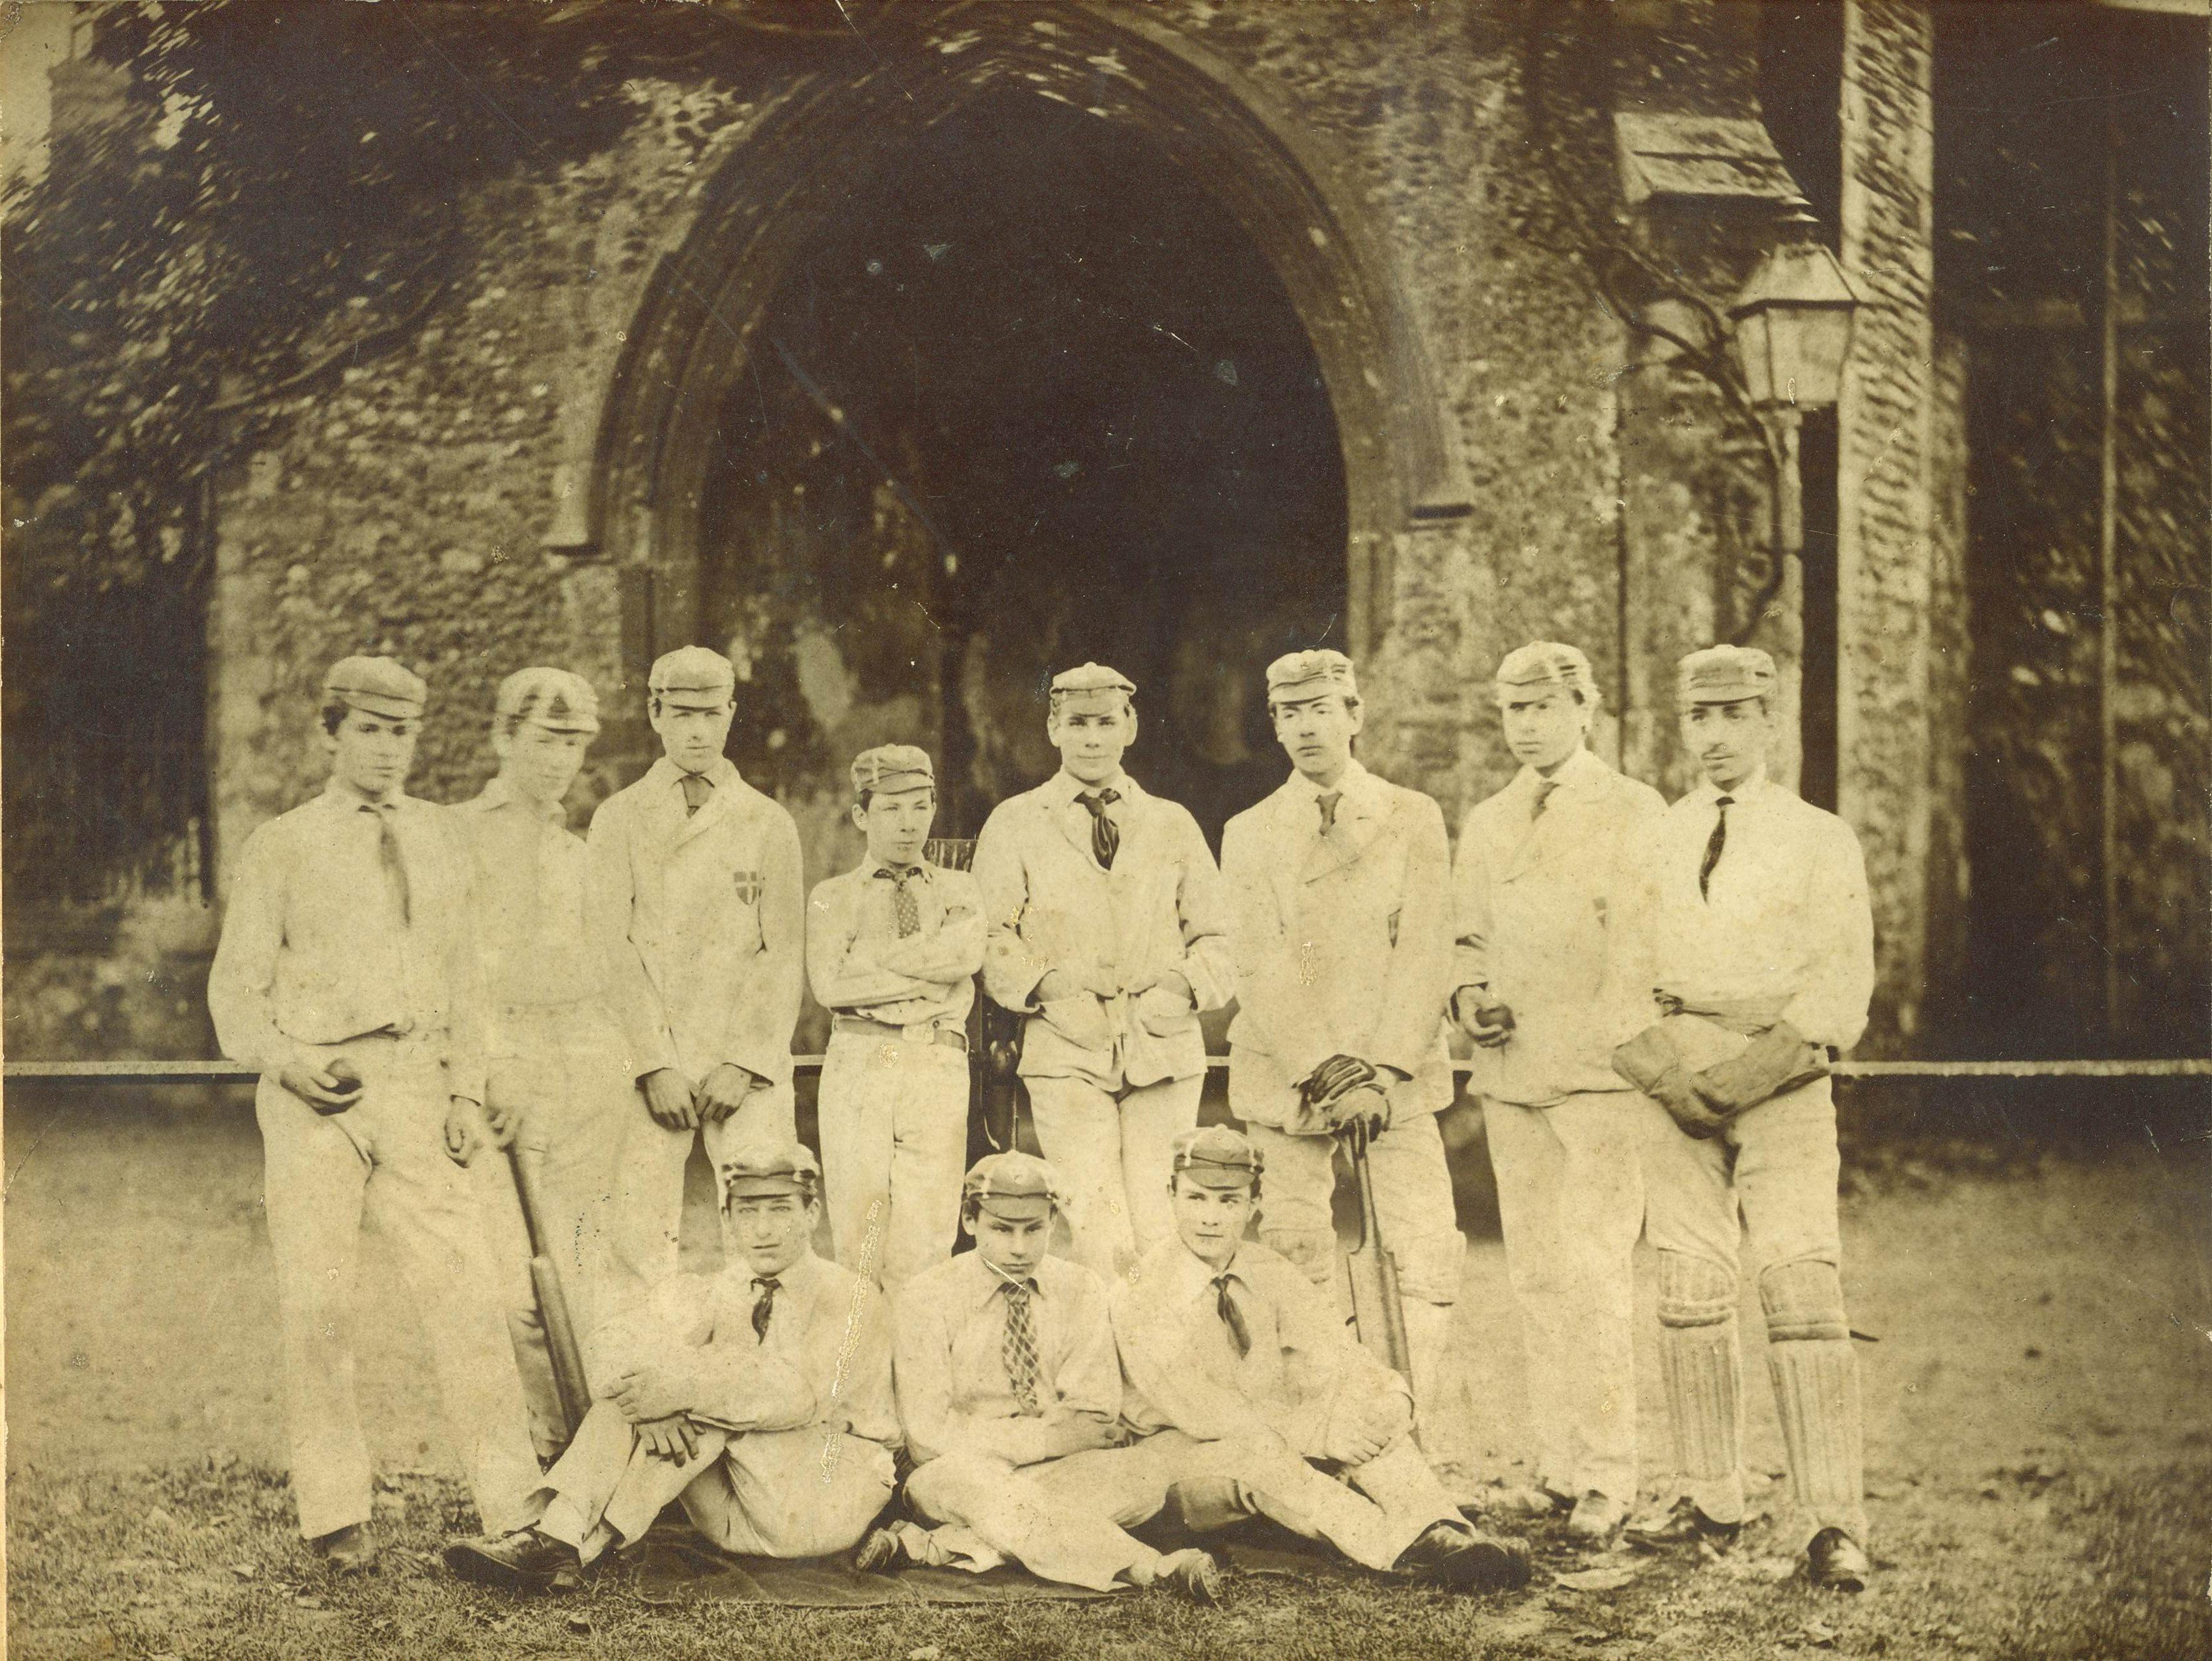 1875 cricket